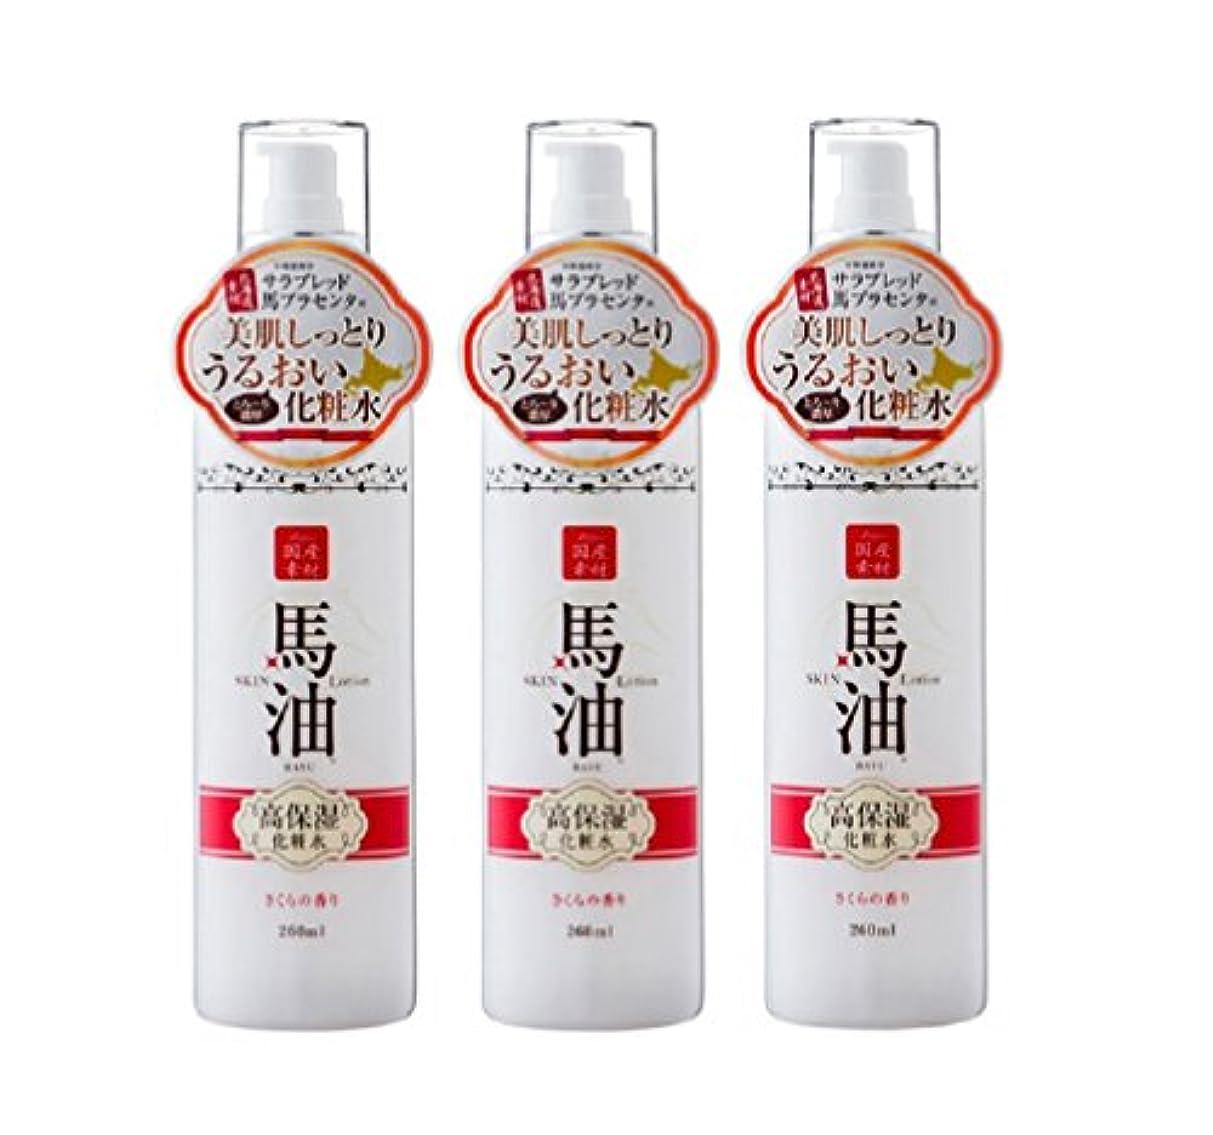 リシャン 馬油化粧水 さくらの香り 260ml×3本セット